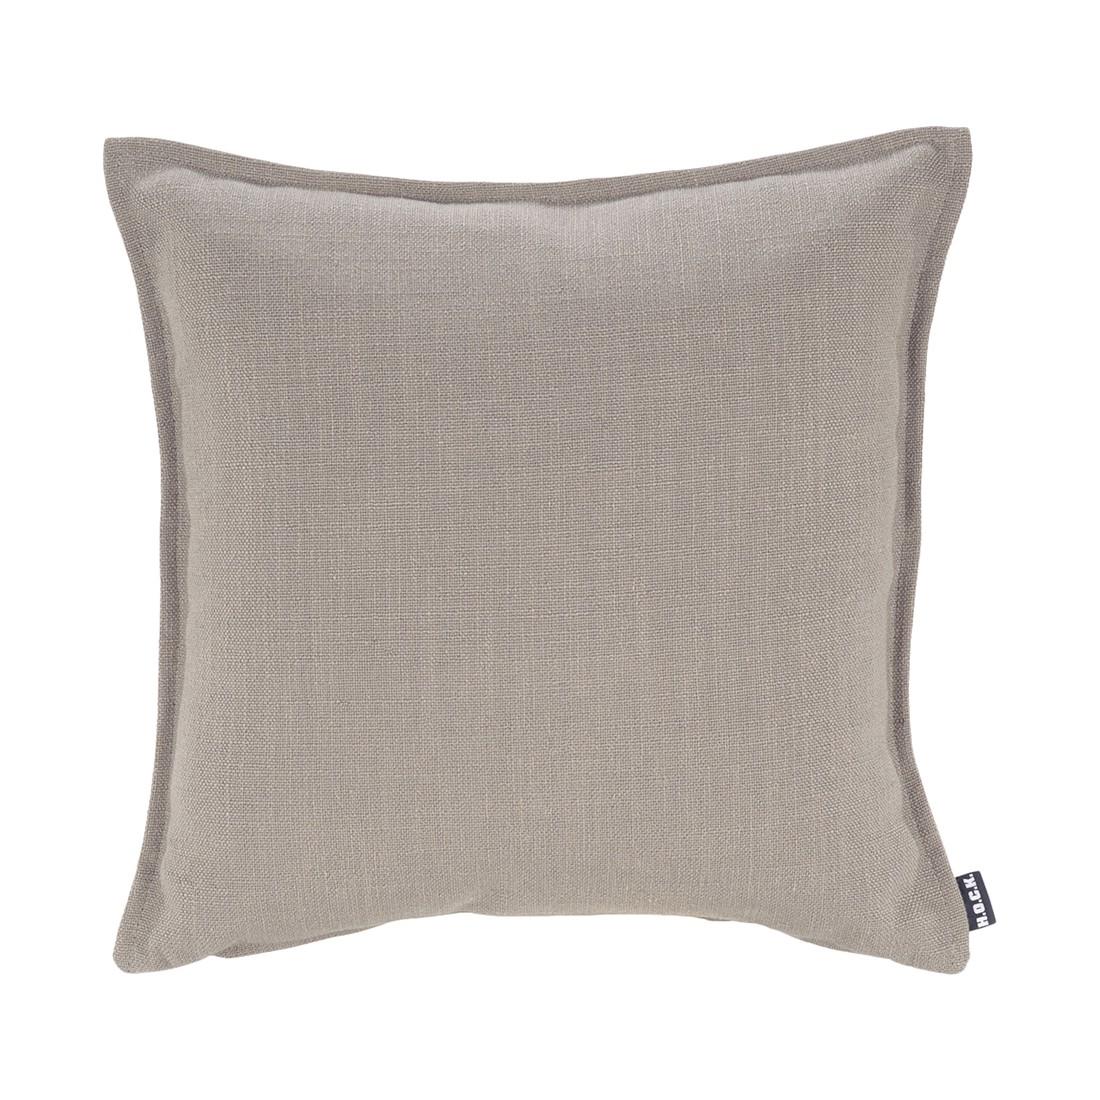 Kissen Manhattan – Leinen – Grau – 45x45cm, H.O.C.K bestellen